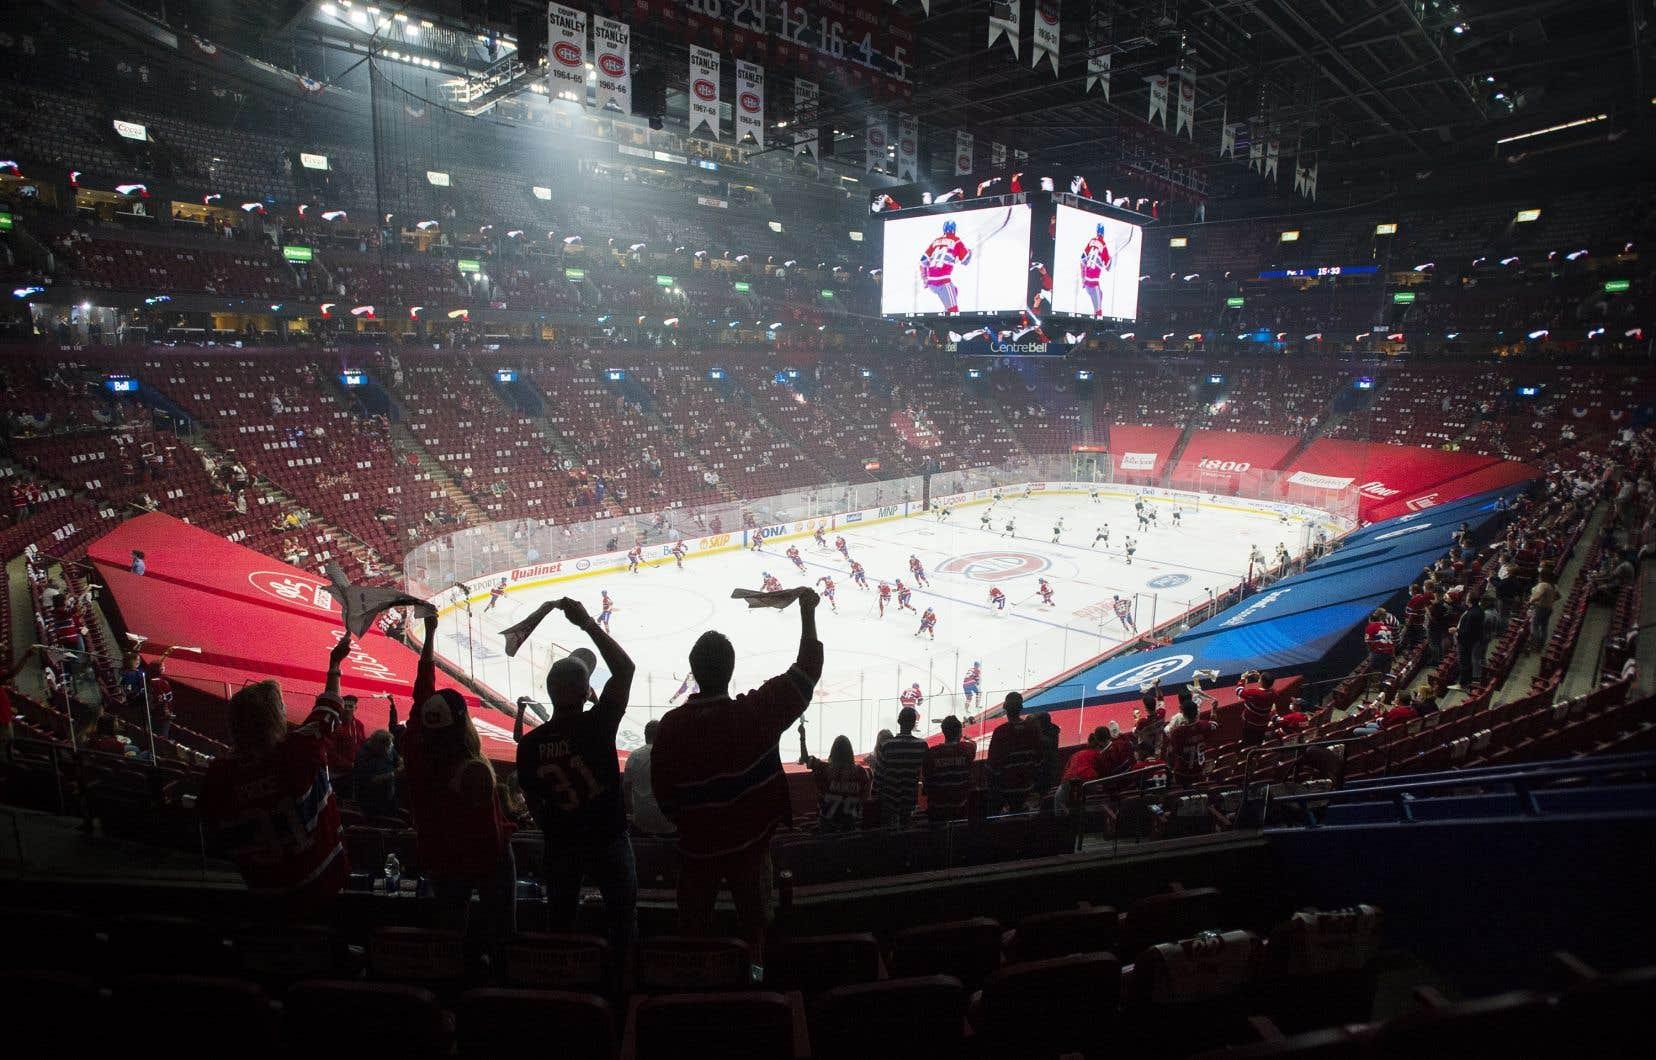 La culture du hockey s'organise autour d'un système de croyances. Les joueurs usent abondamment de rituels avant et pendant les parties.